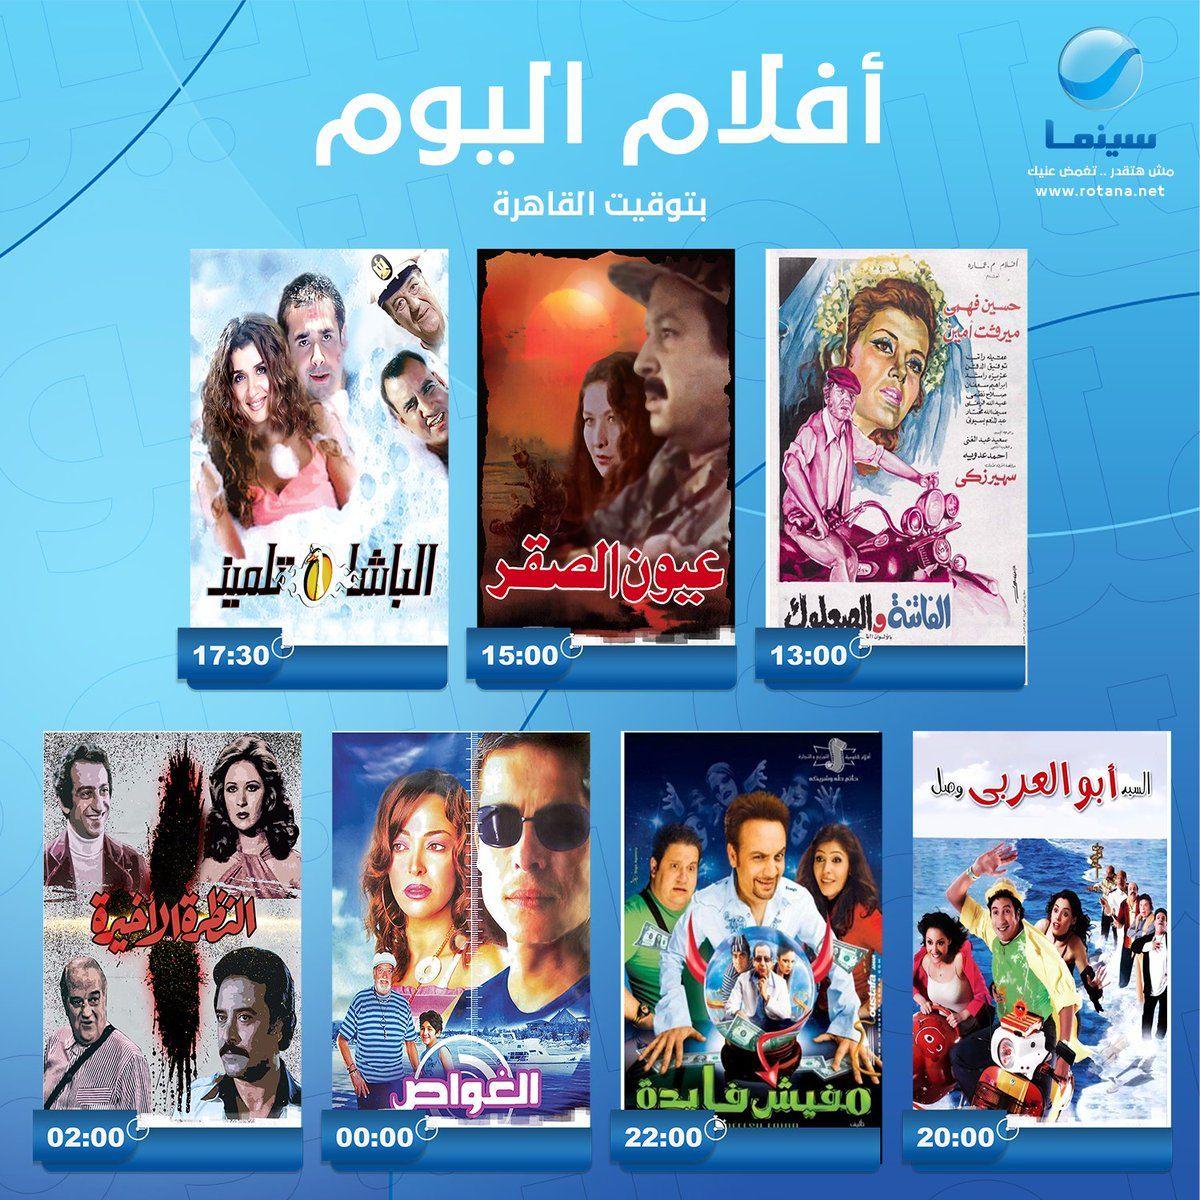 جدول وخريطة افلام قناة روتانا سينما اليوم 30 5 2020 Movie Posters Poster Movies